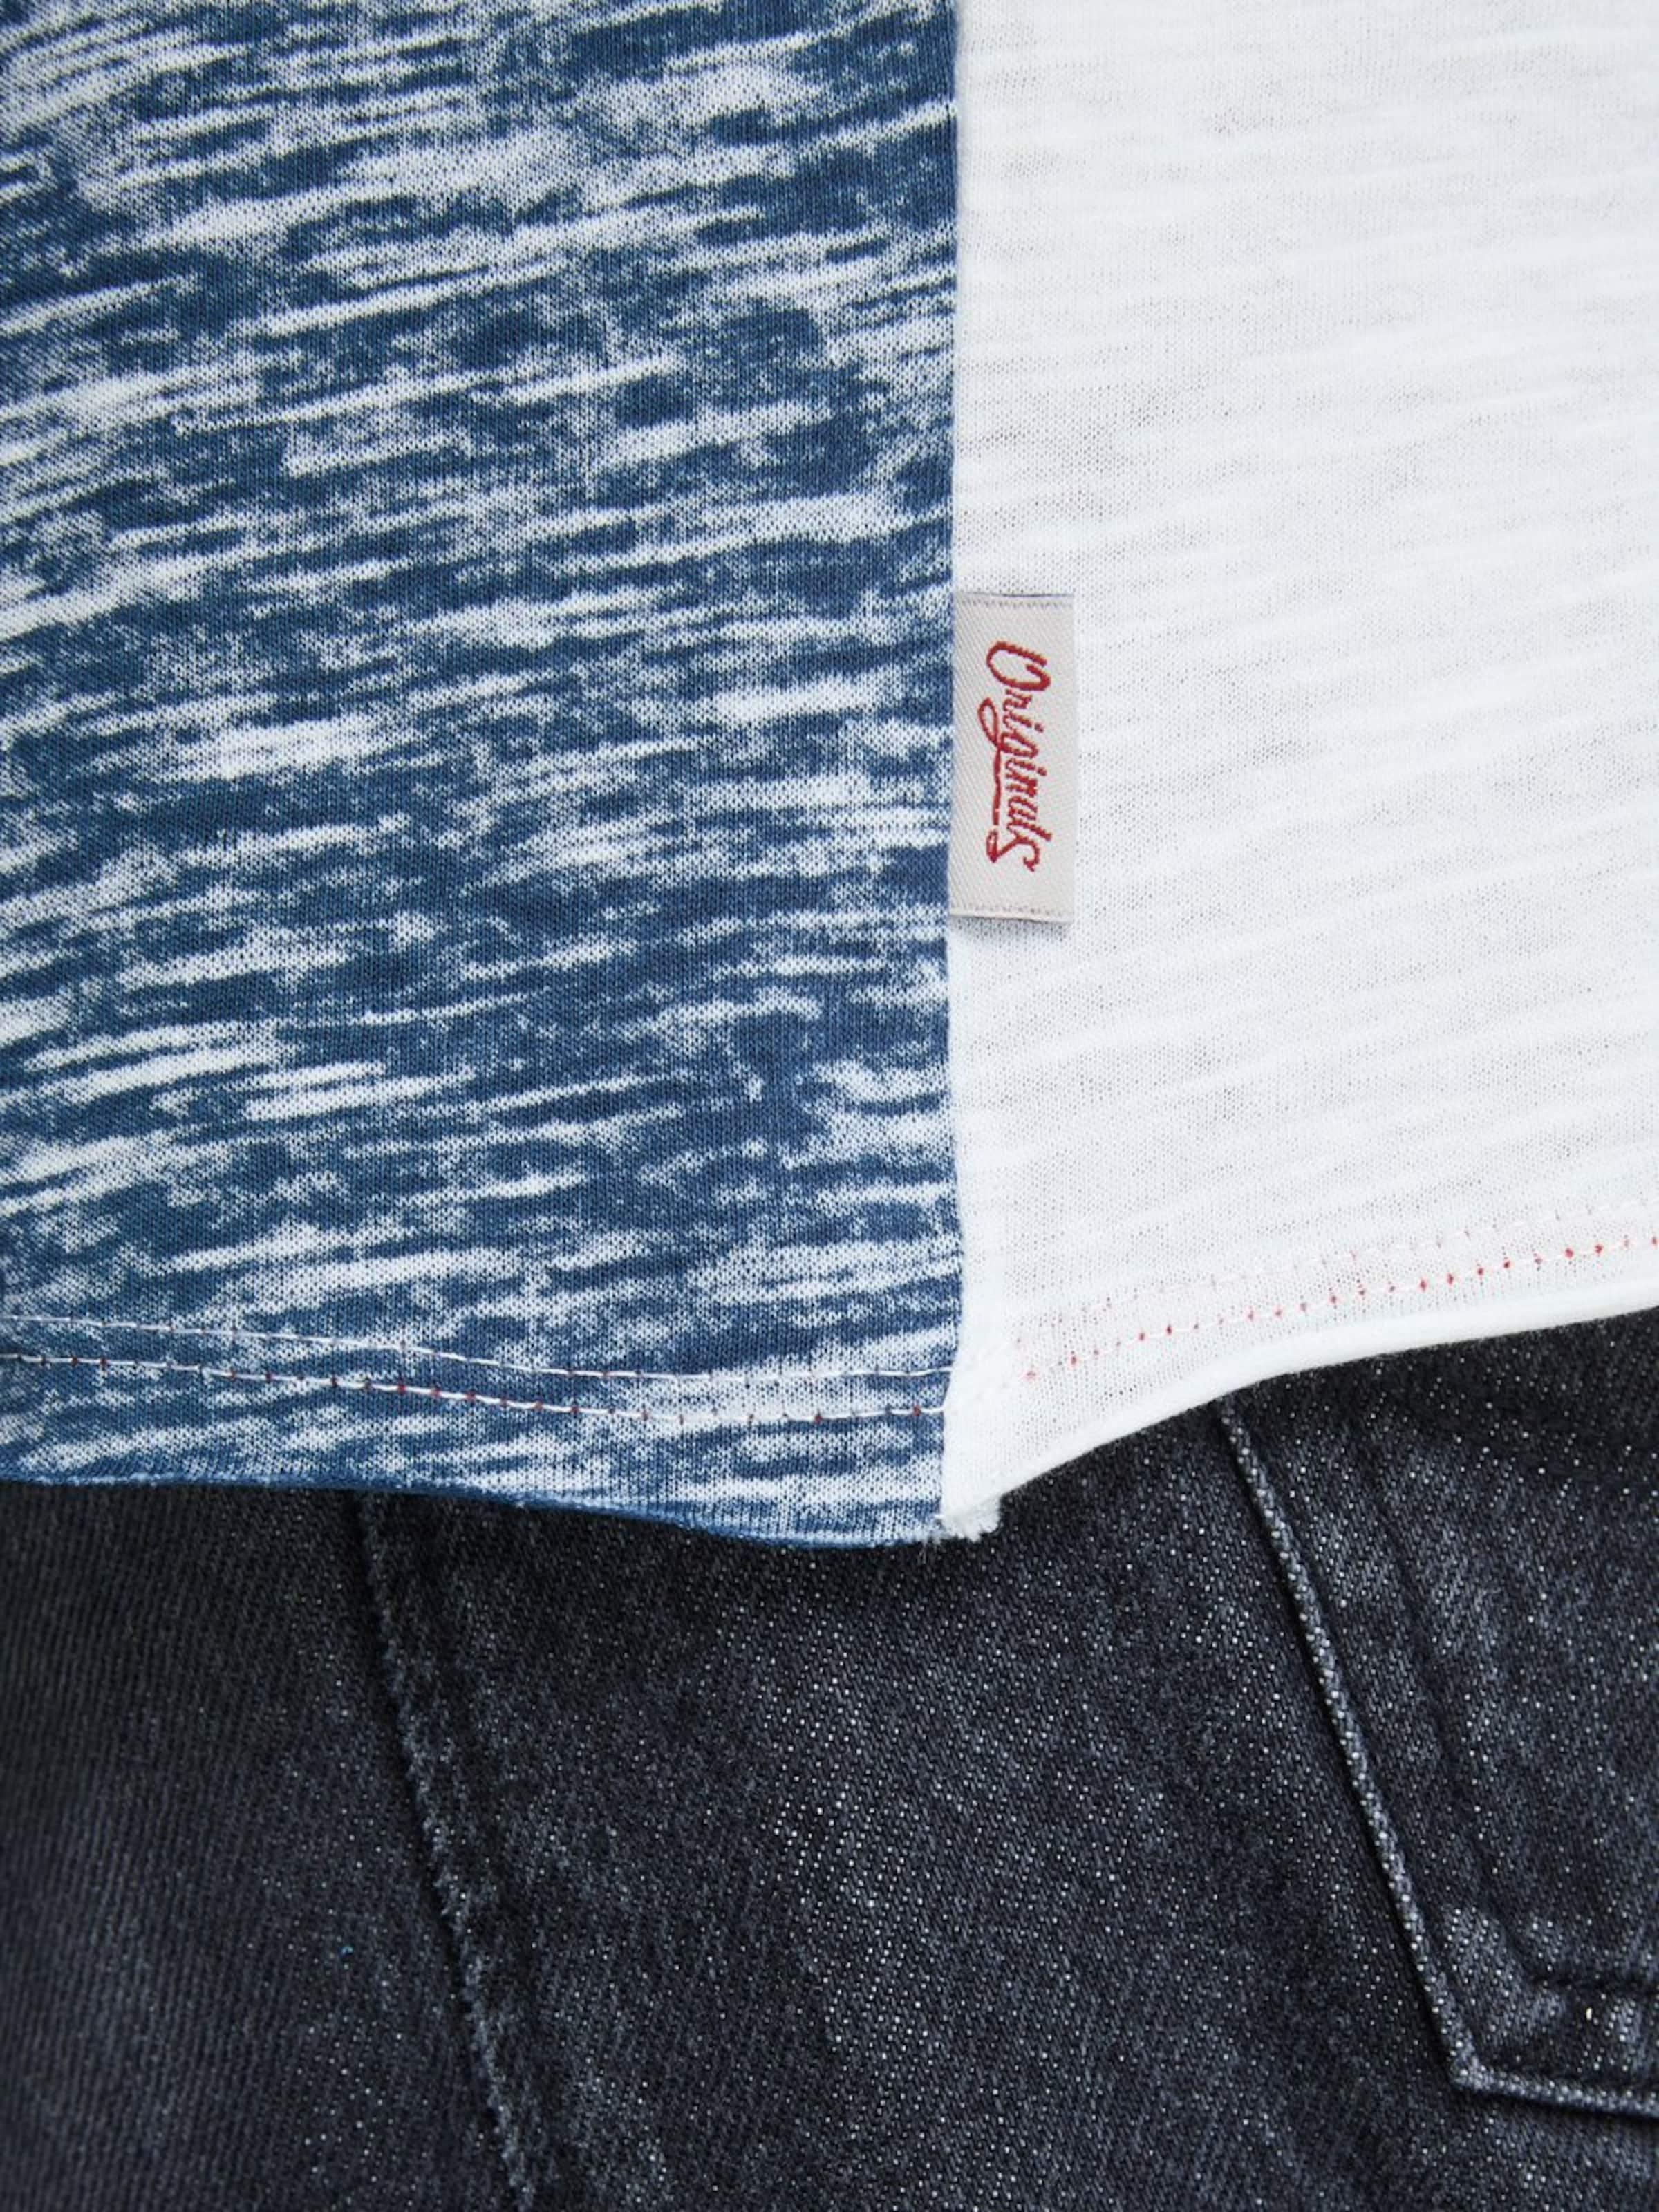 shirt RauchblauPastellblau T Jones In Jackamp; Weiß Ku1c3FJTl